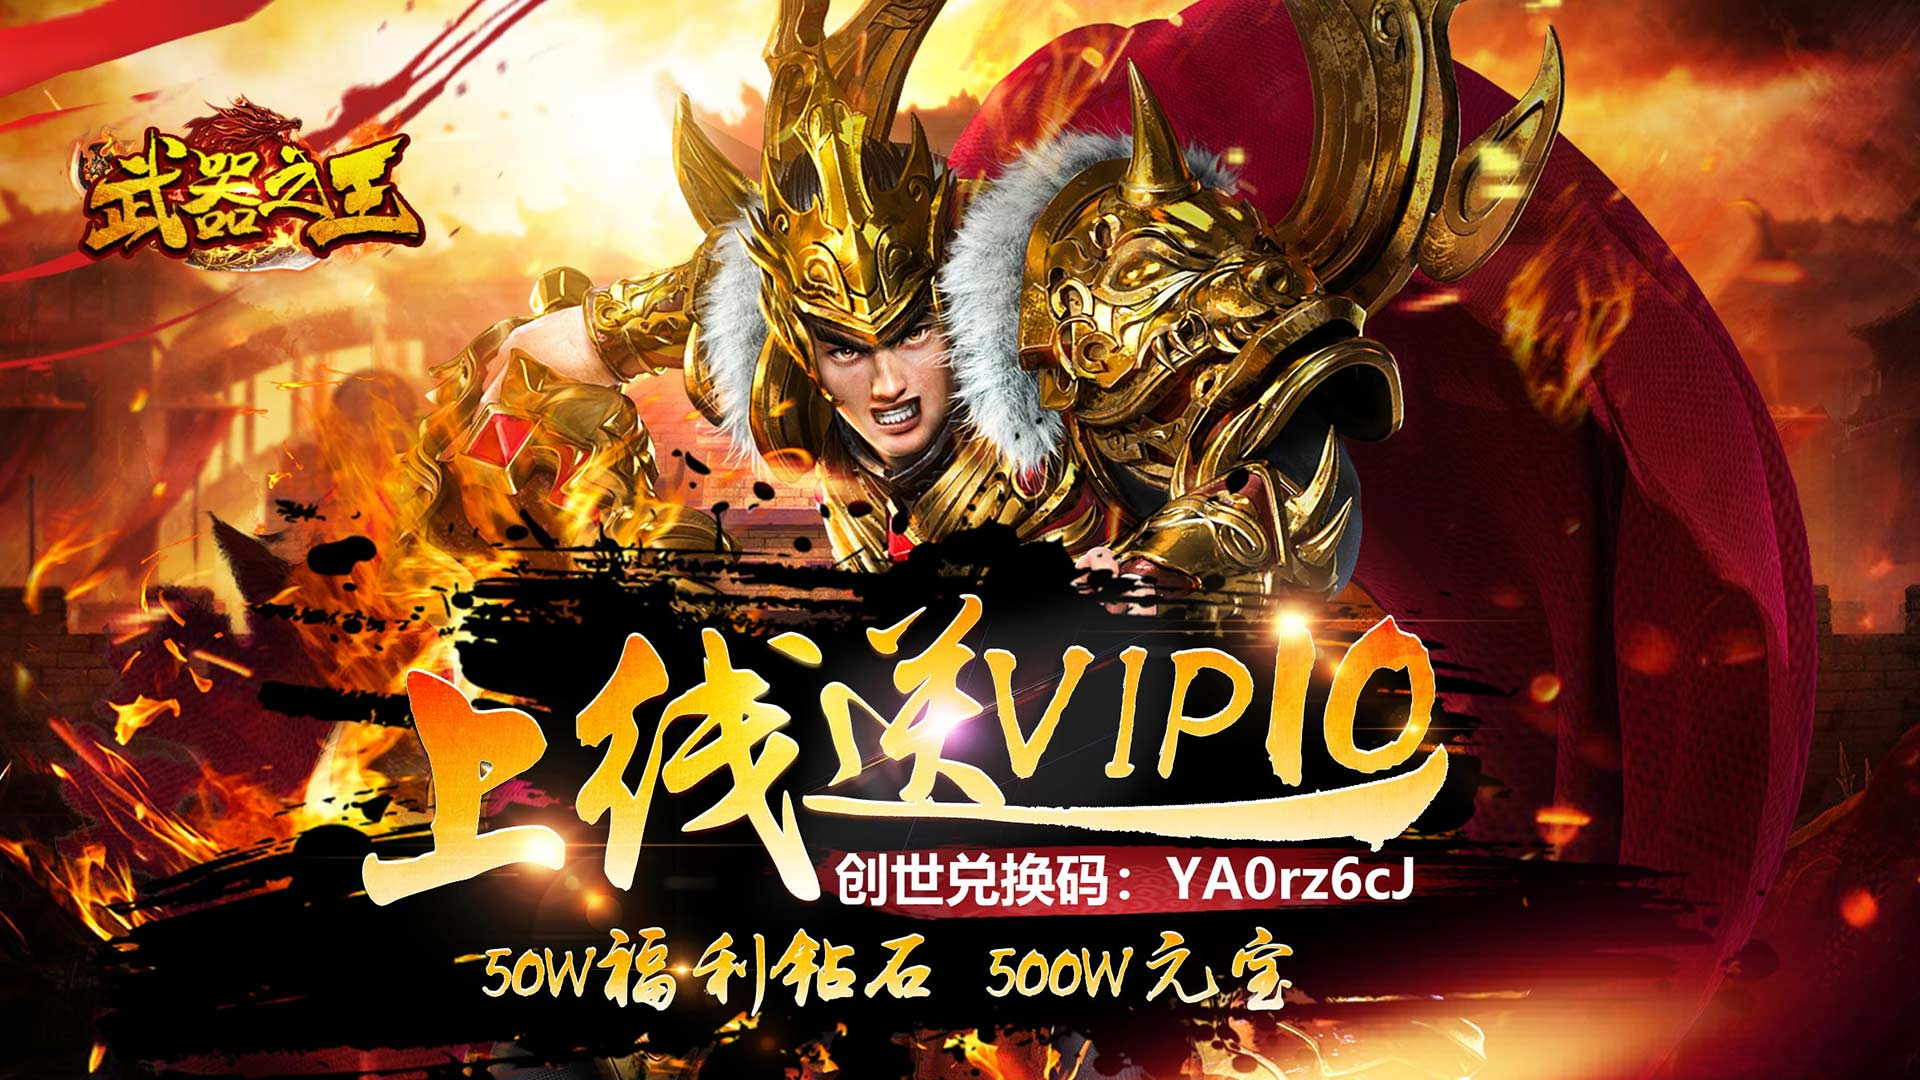 《武器之王(福利特權)》變態版:上線送VIP10、50萬福利鉆石、500萬元寶